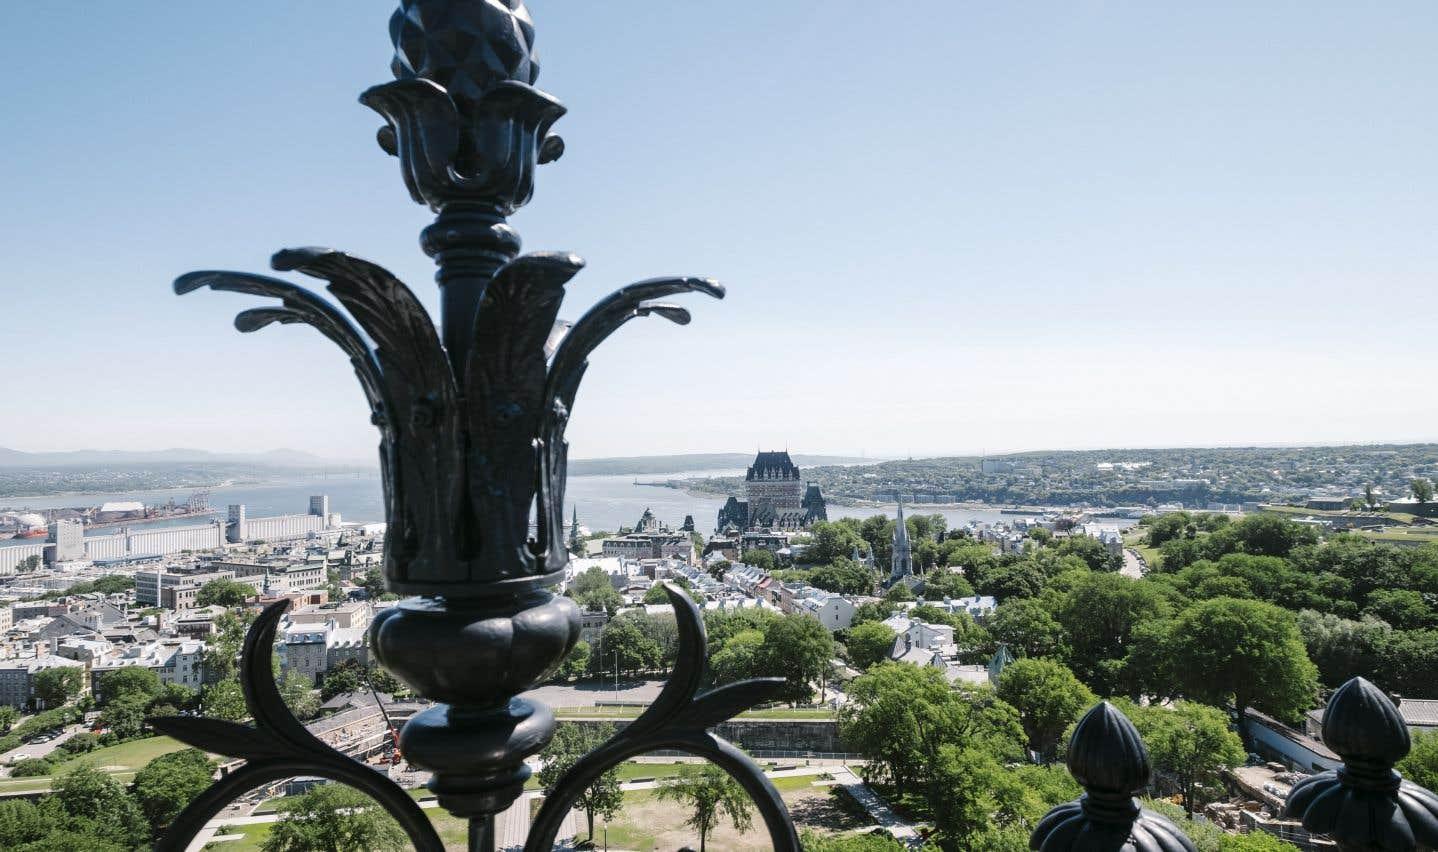 Du sommet de la tour, on aperçoit le Vieux-Québec où siégeaient les députés québécois jusqu'en 1883.